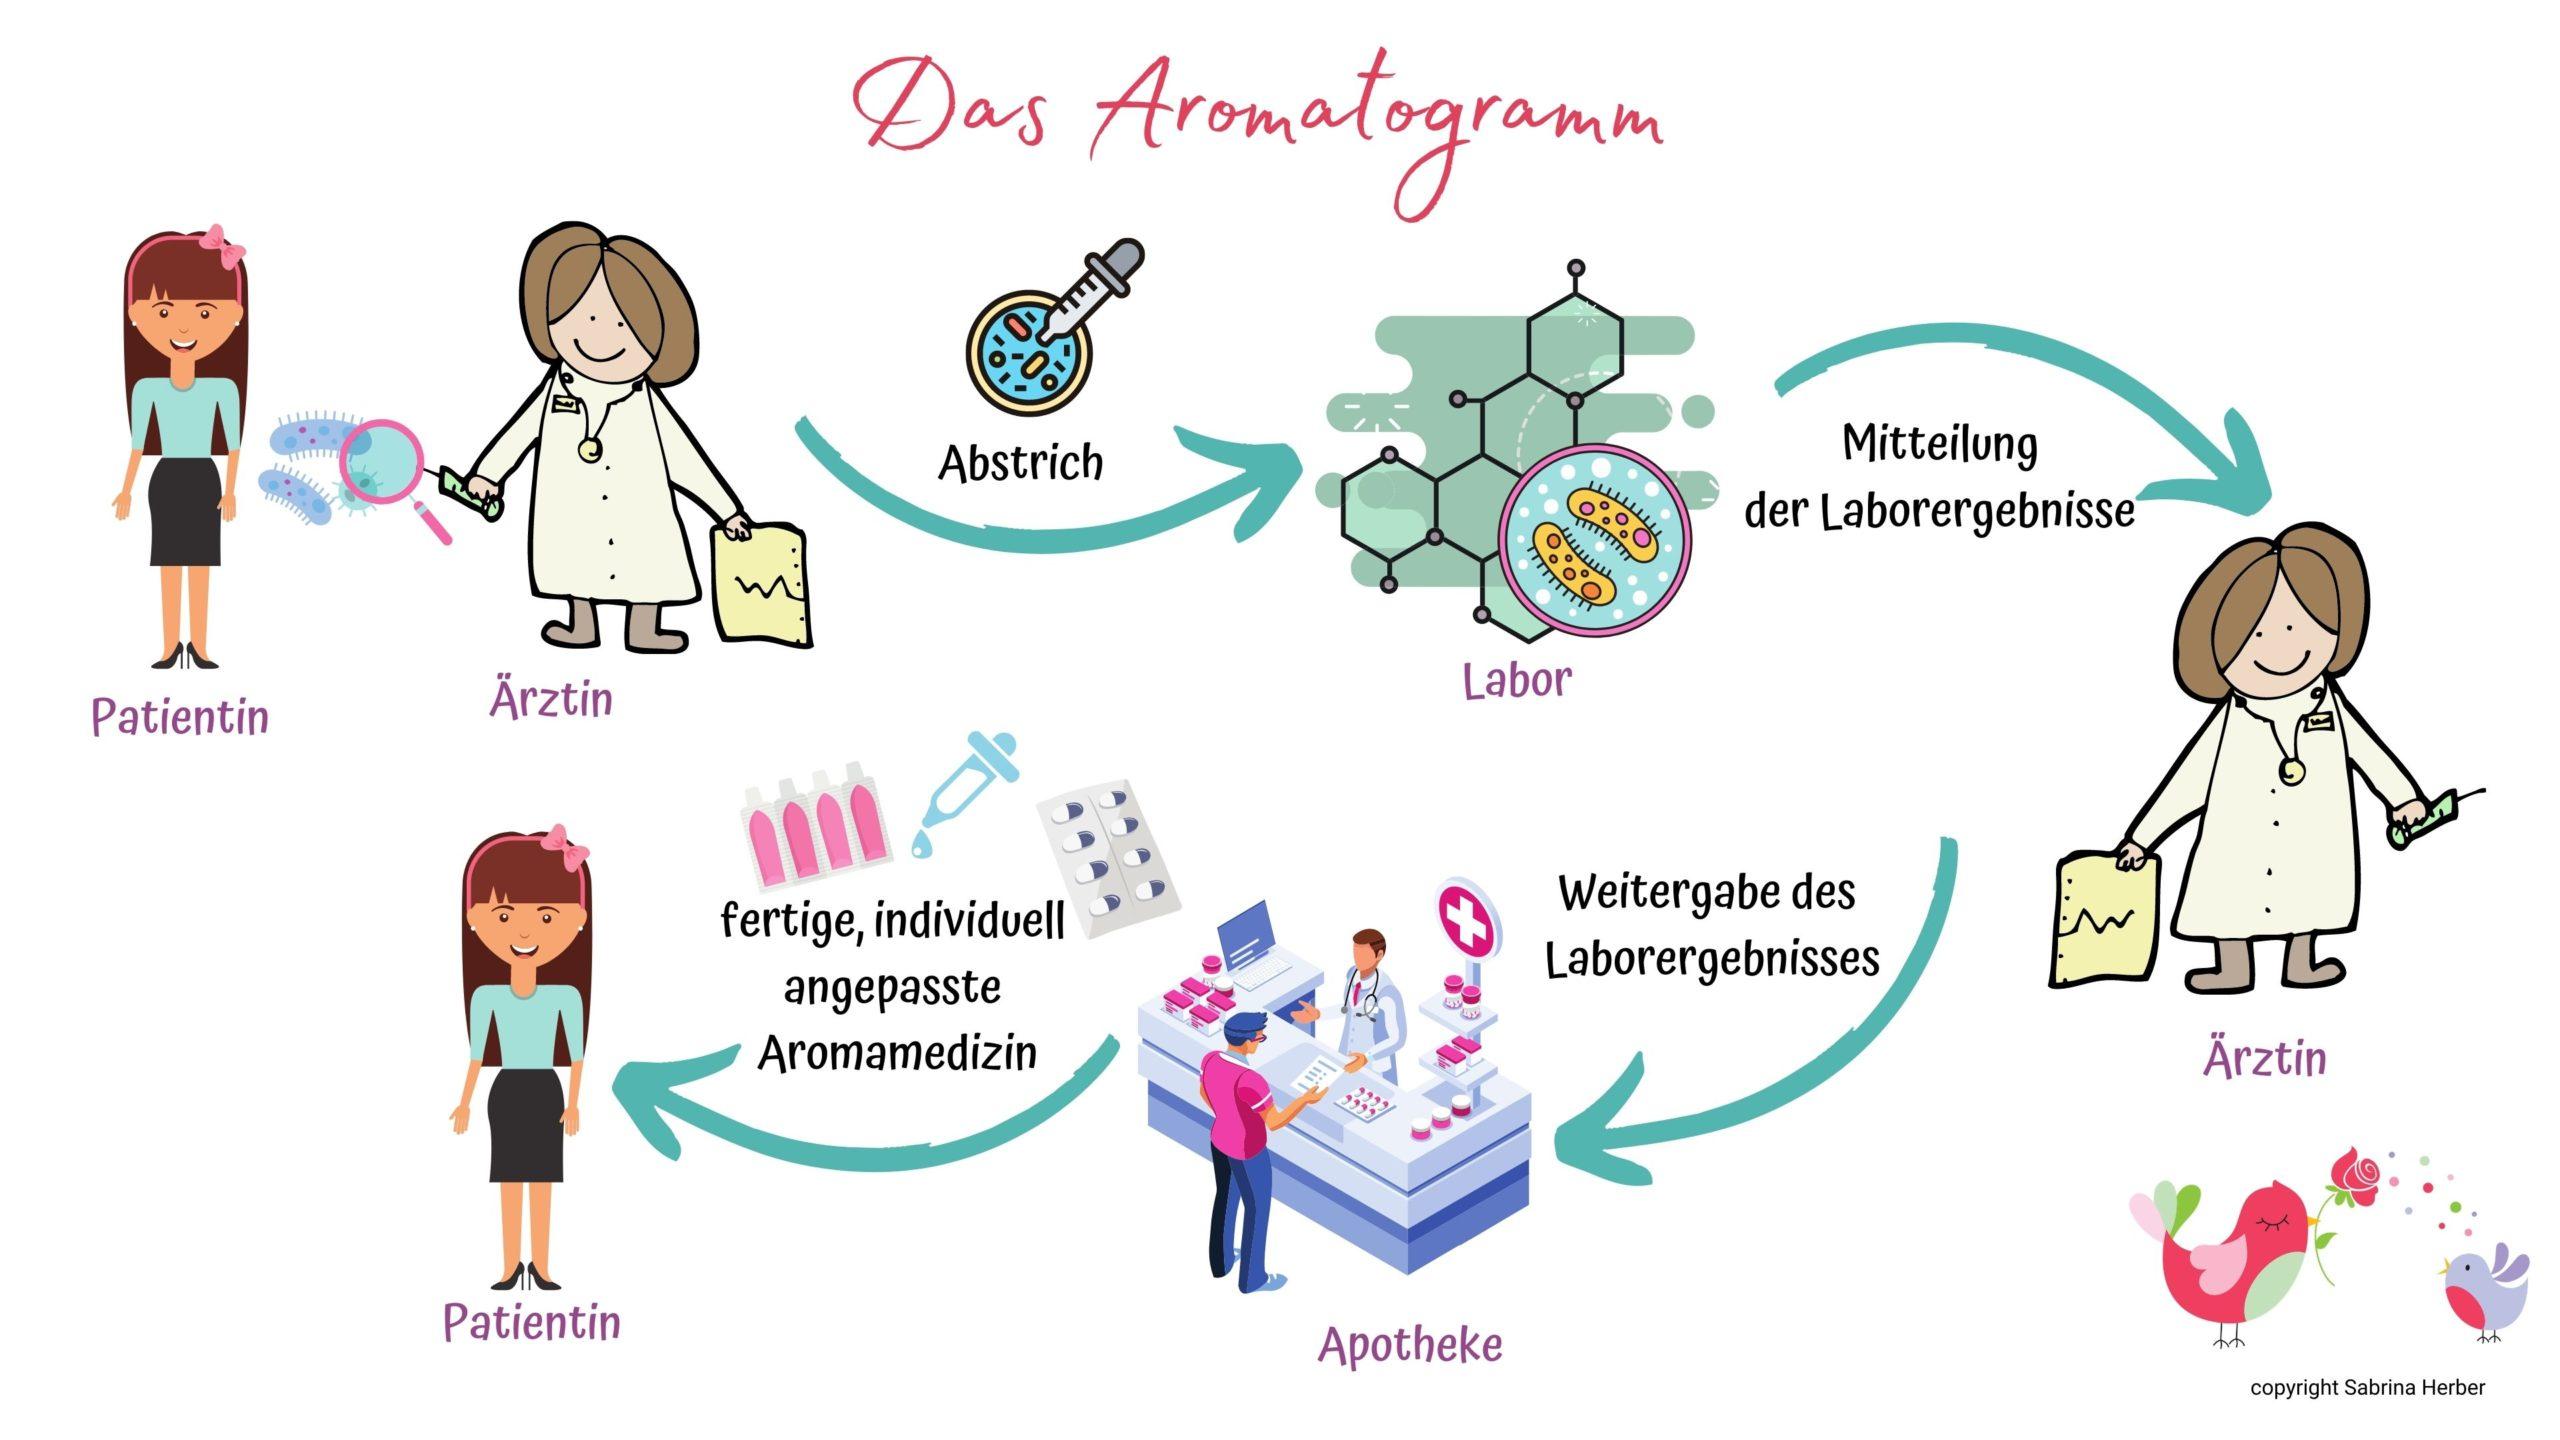 Das Aromatogramm - effektiv und immer noch wenig beachtet